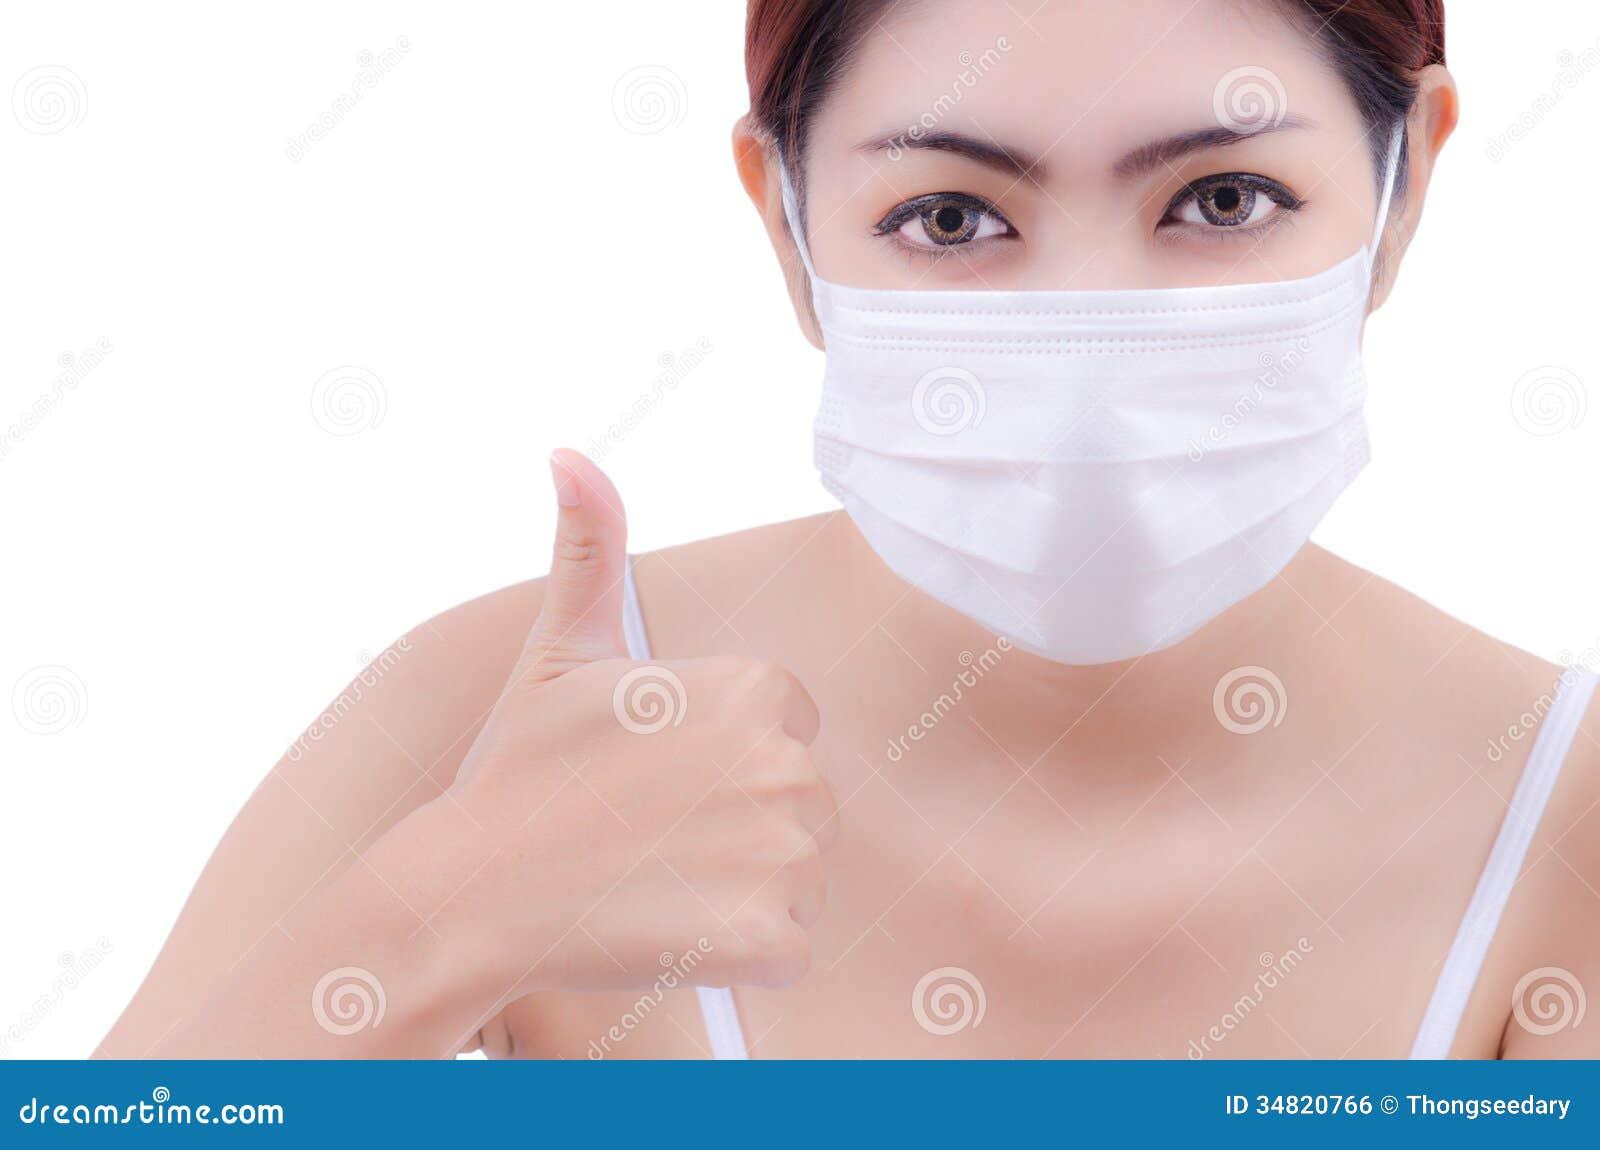 masque sante de protection